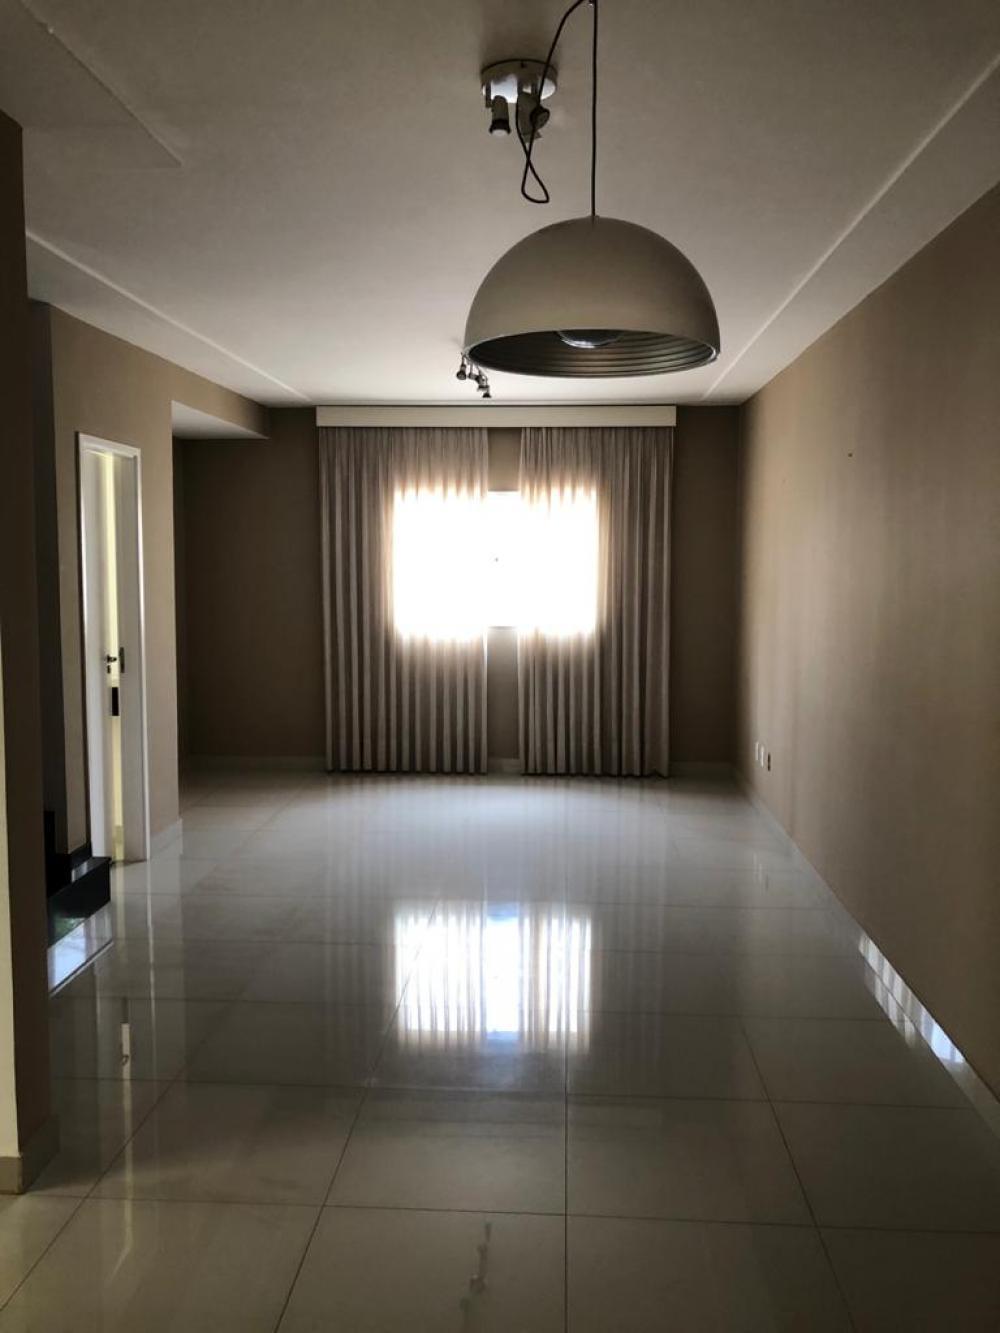 Alugar Casa / Condomínio em São José do Rio Preto R$ 2.100,00 - Foto 3